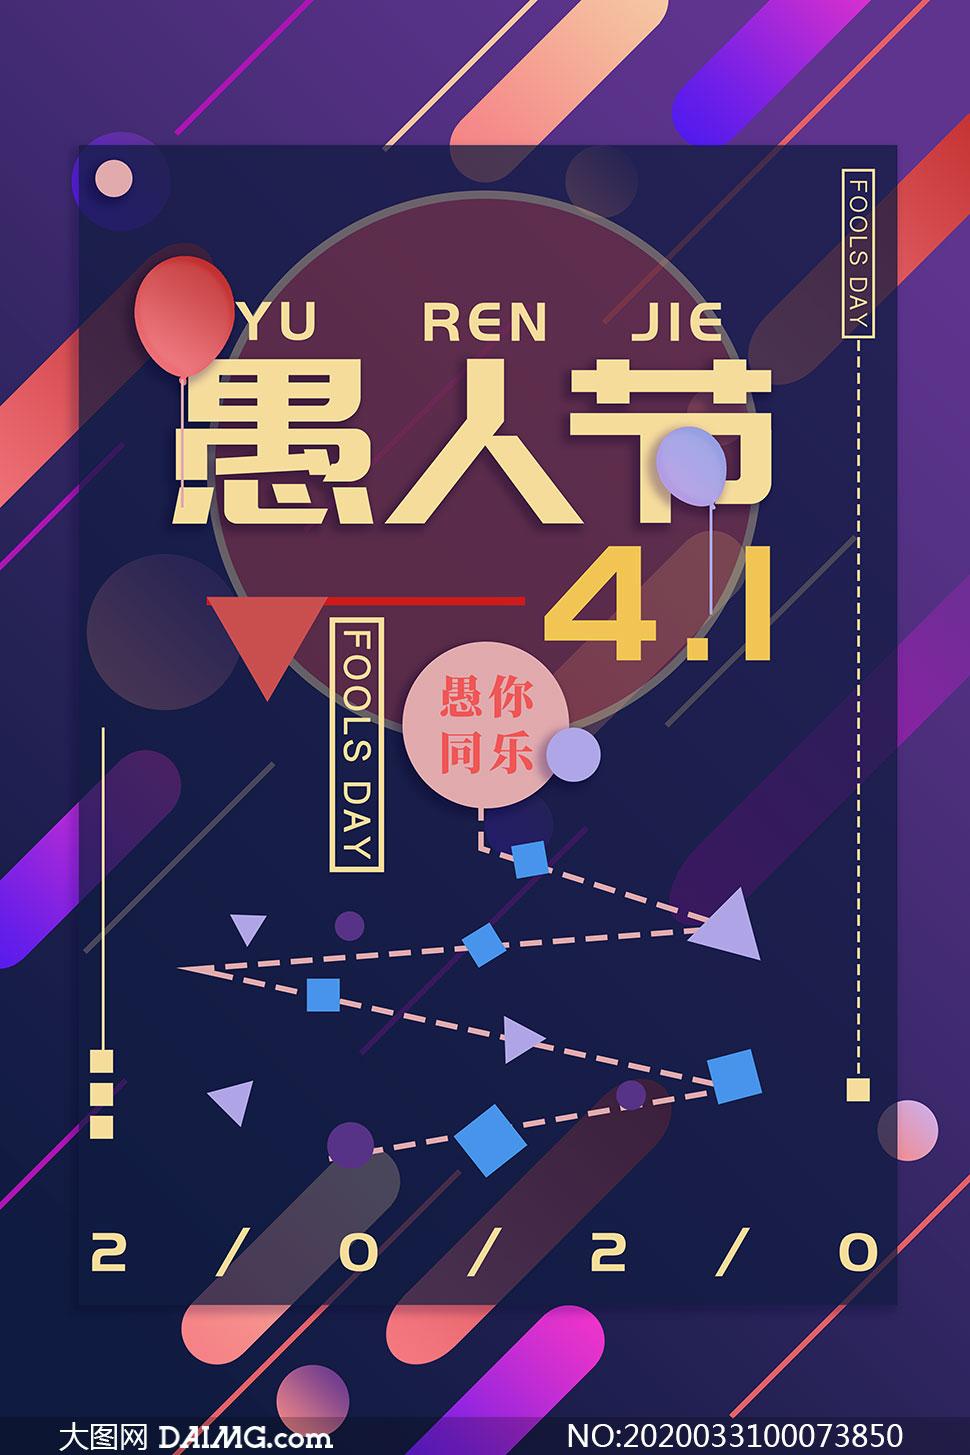 愚人节简约主题海报设计PSD素材